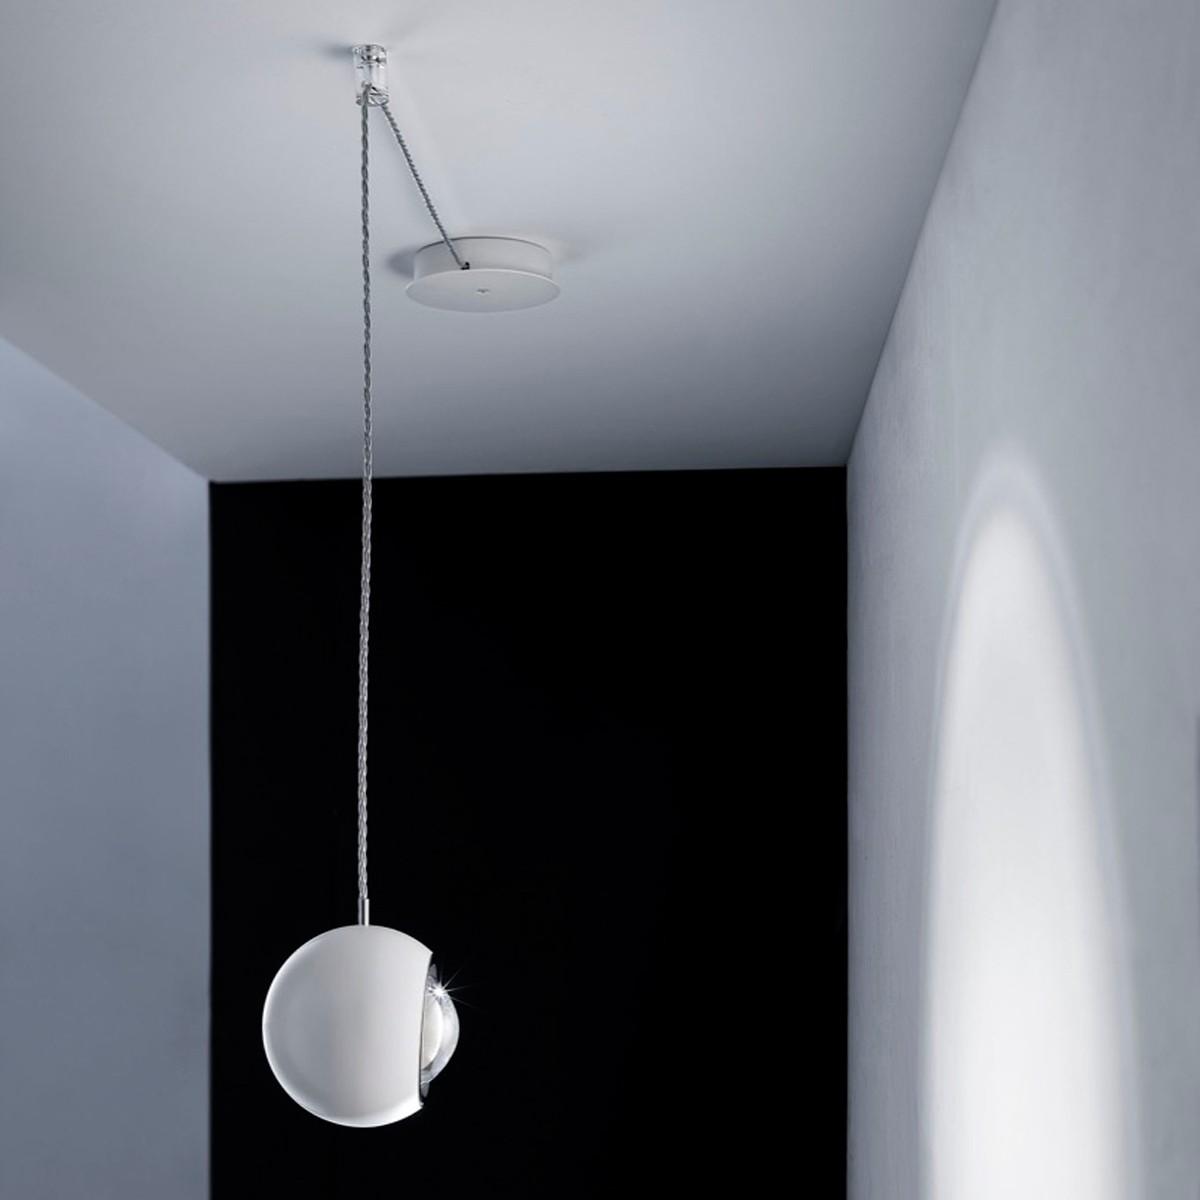 Studio Italia Design Spider Pendelleuchte, 1-flg., 2700° K, Chrom - weiß matt